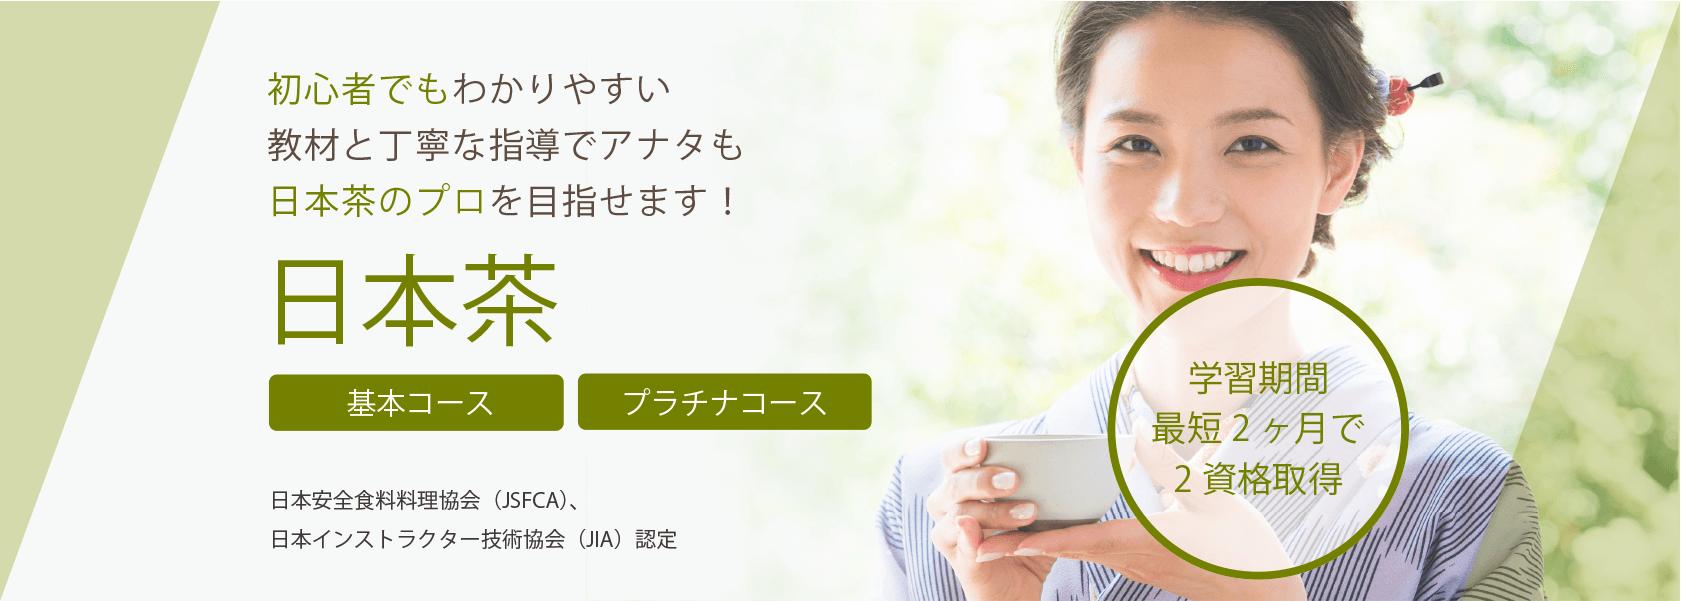 日本茶資格取得の通信教育講座